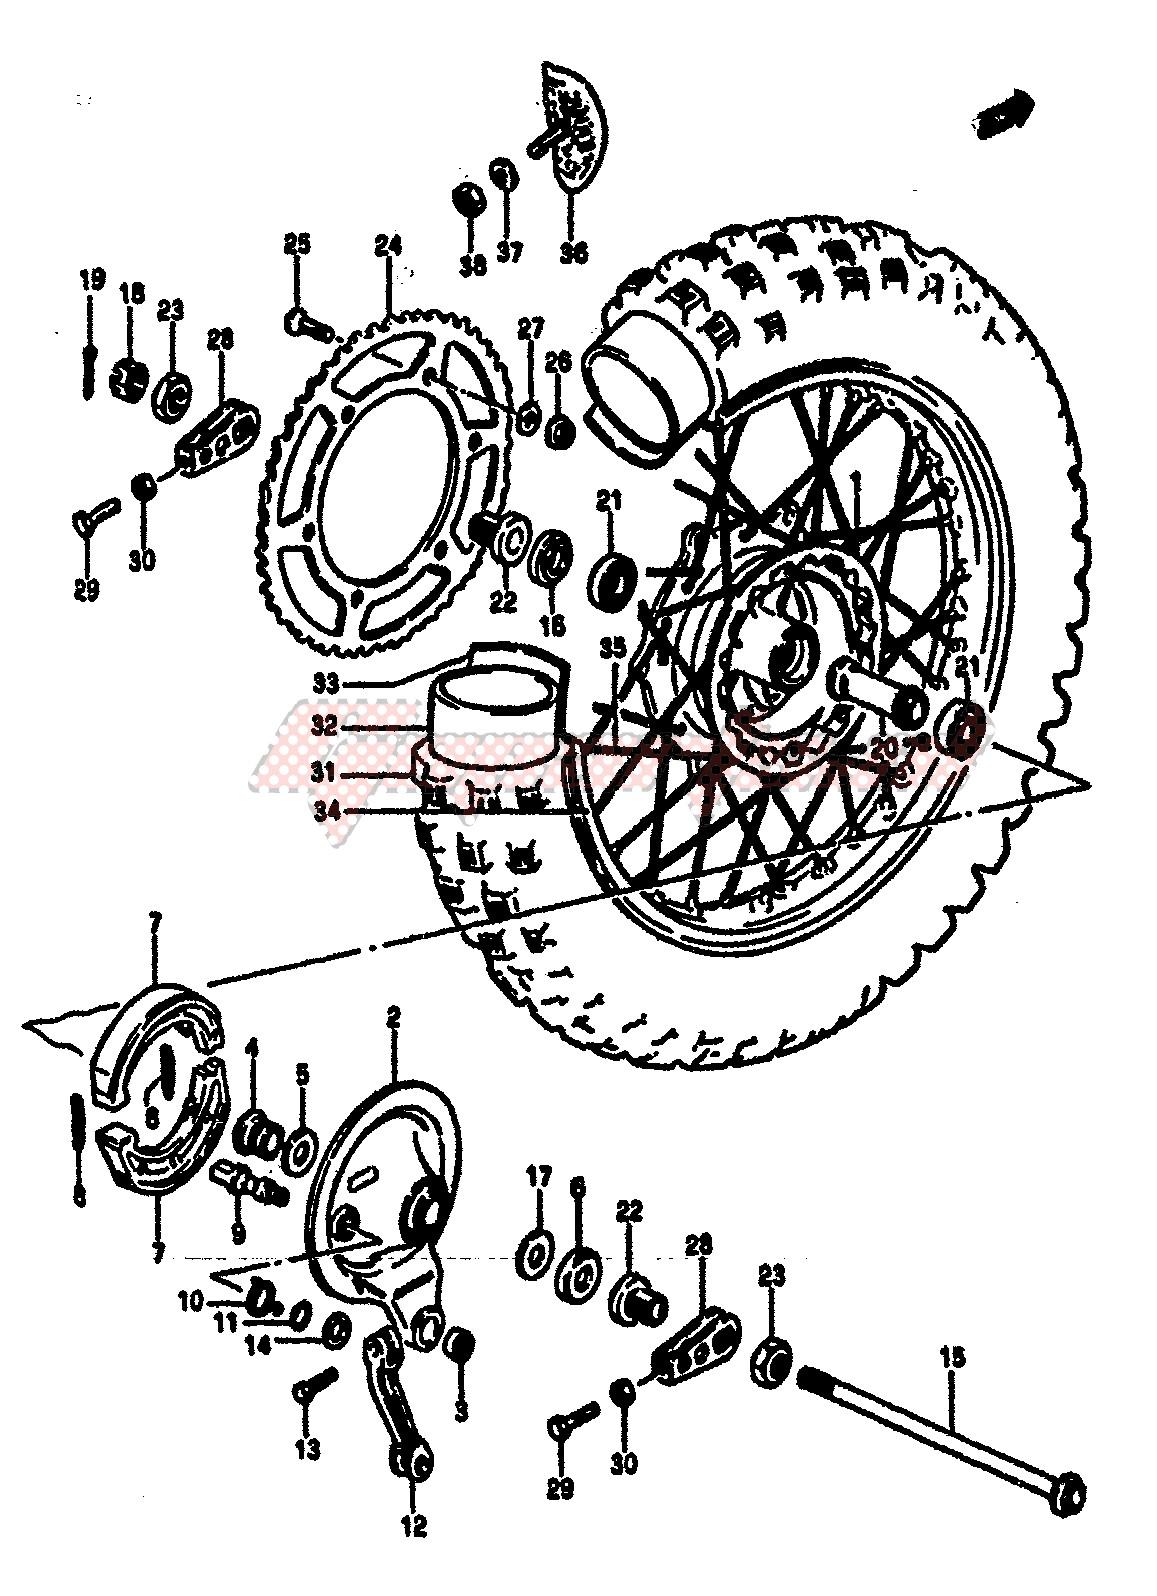 REAR WHEEL (MODEL F) blueprint